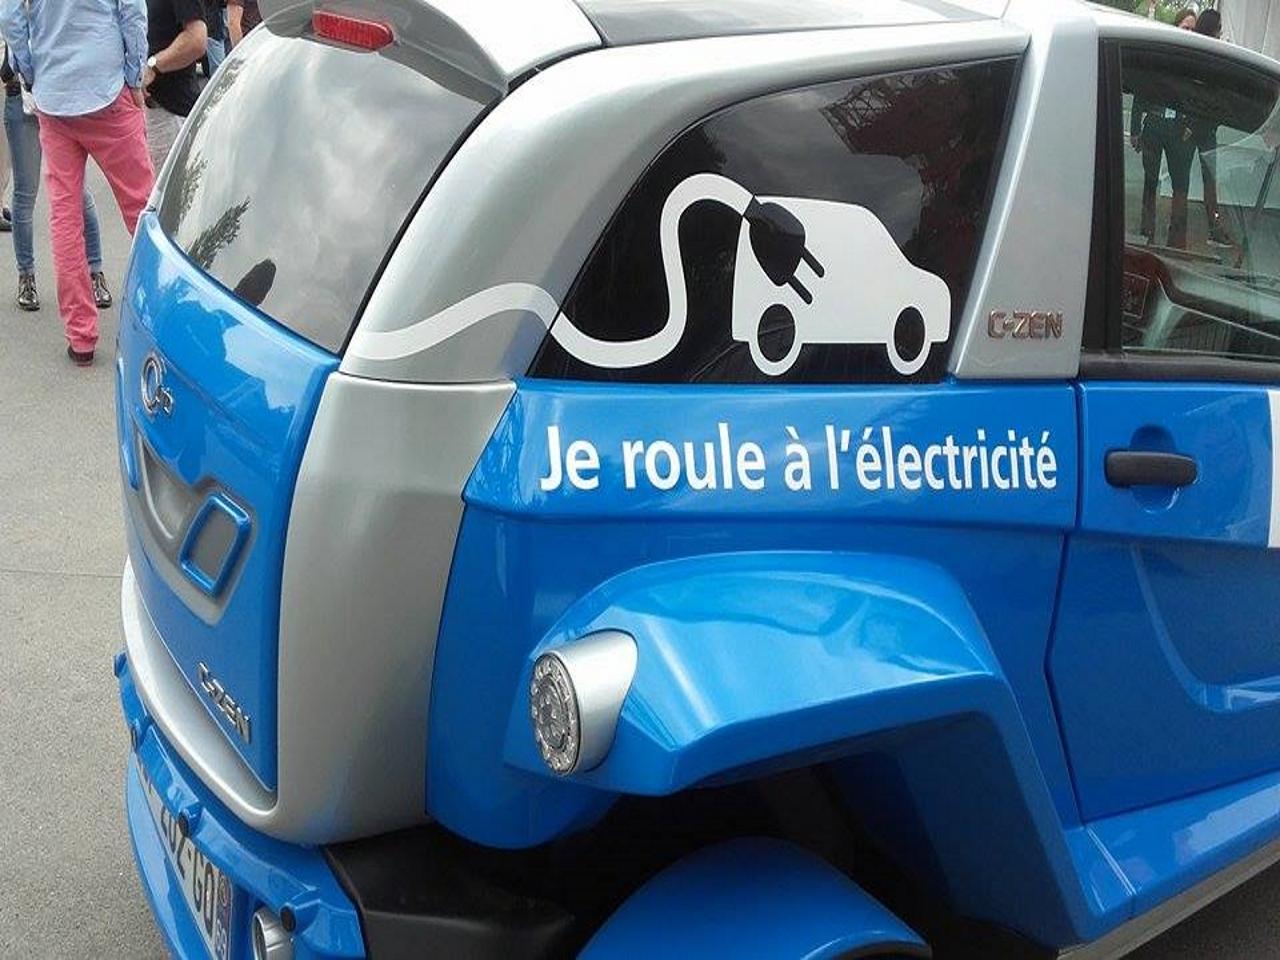 Les Français sont-ils enfin prêts à passer à la voiture électrique ? By DETOURS 13282109_10206278891398203_839364312_n